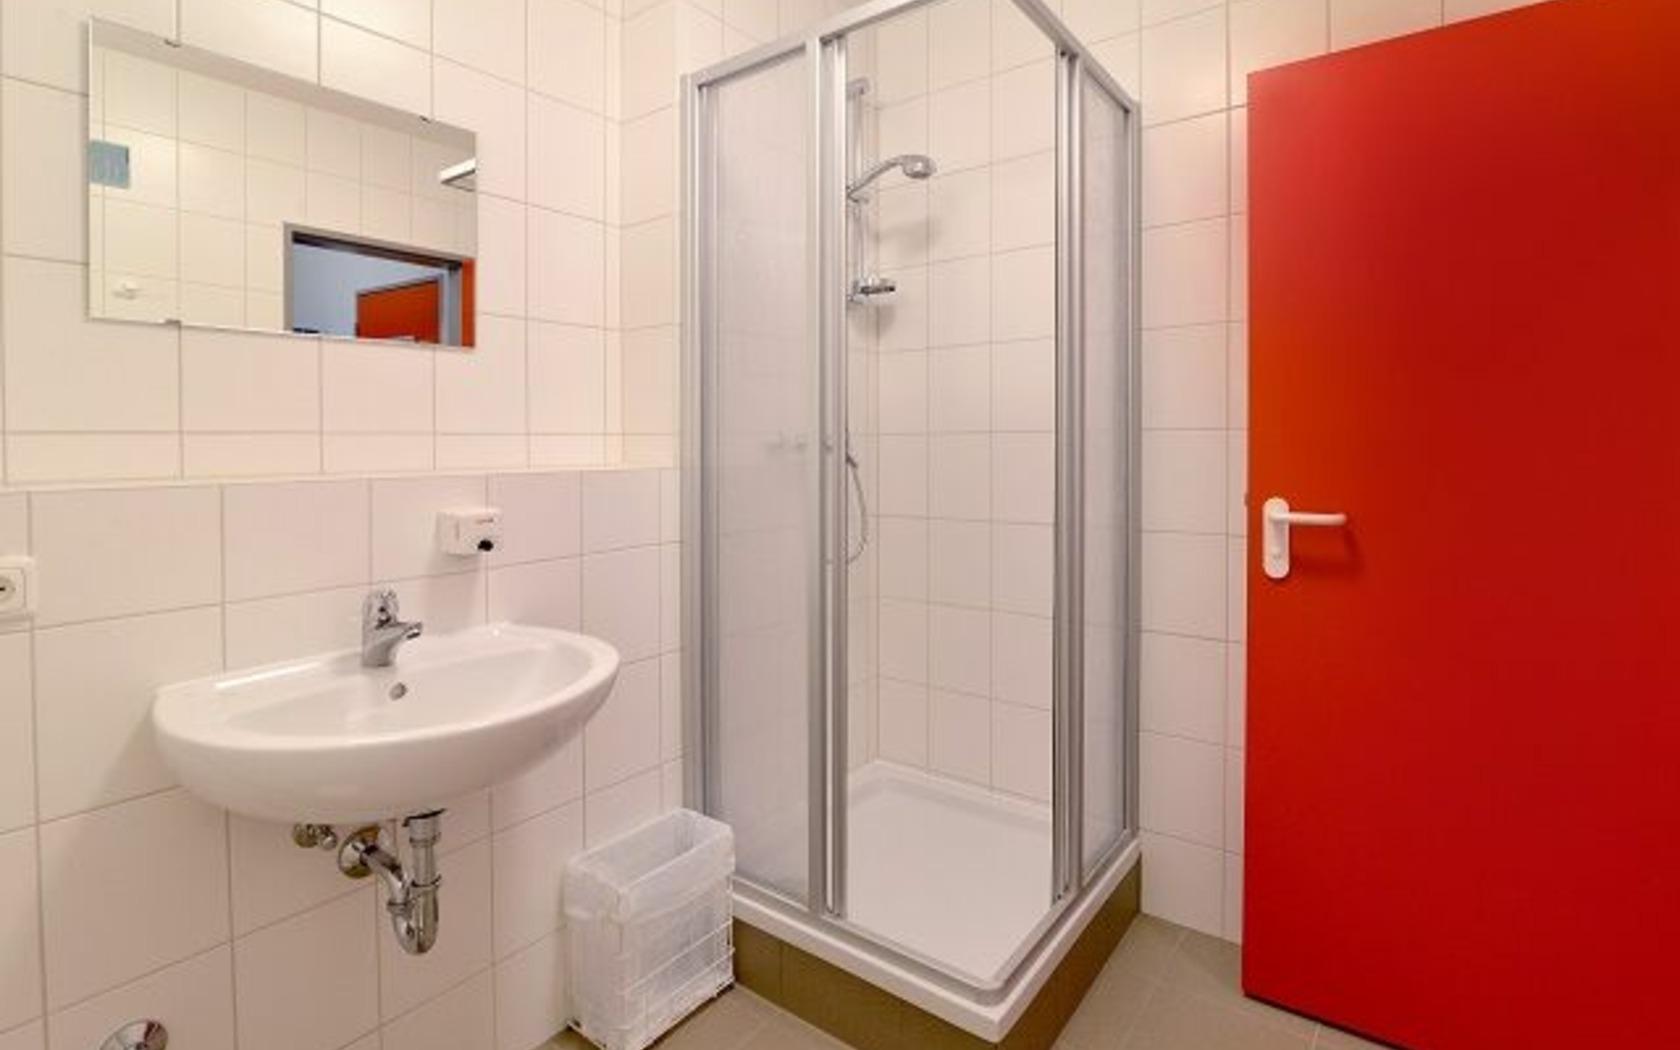 Hostel Guben, Beispiel Bad, Foto: MuT Guben